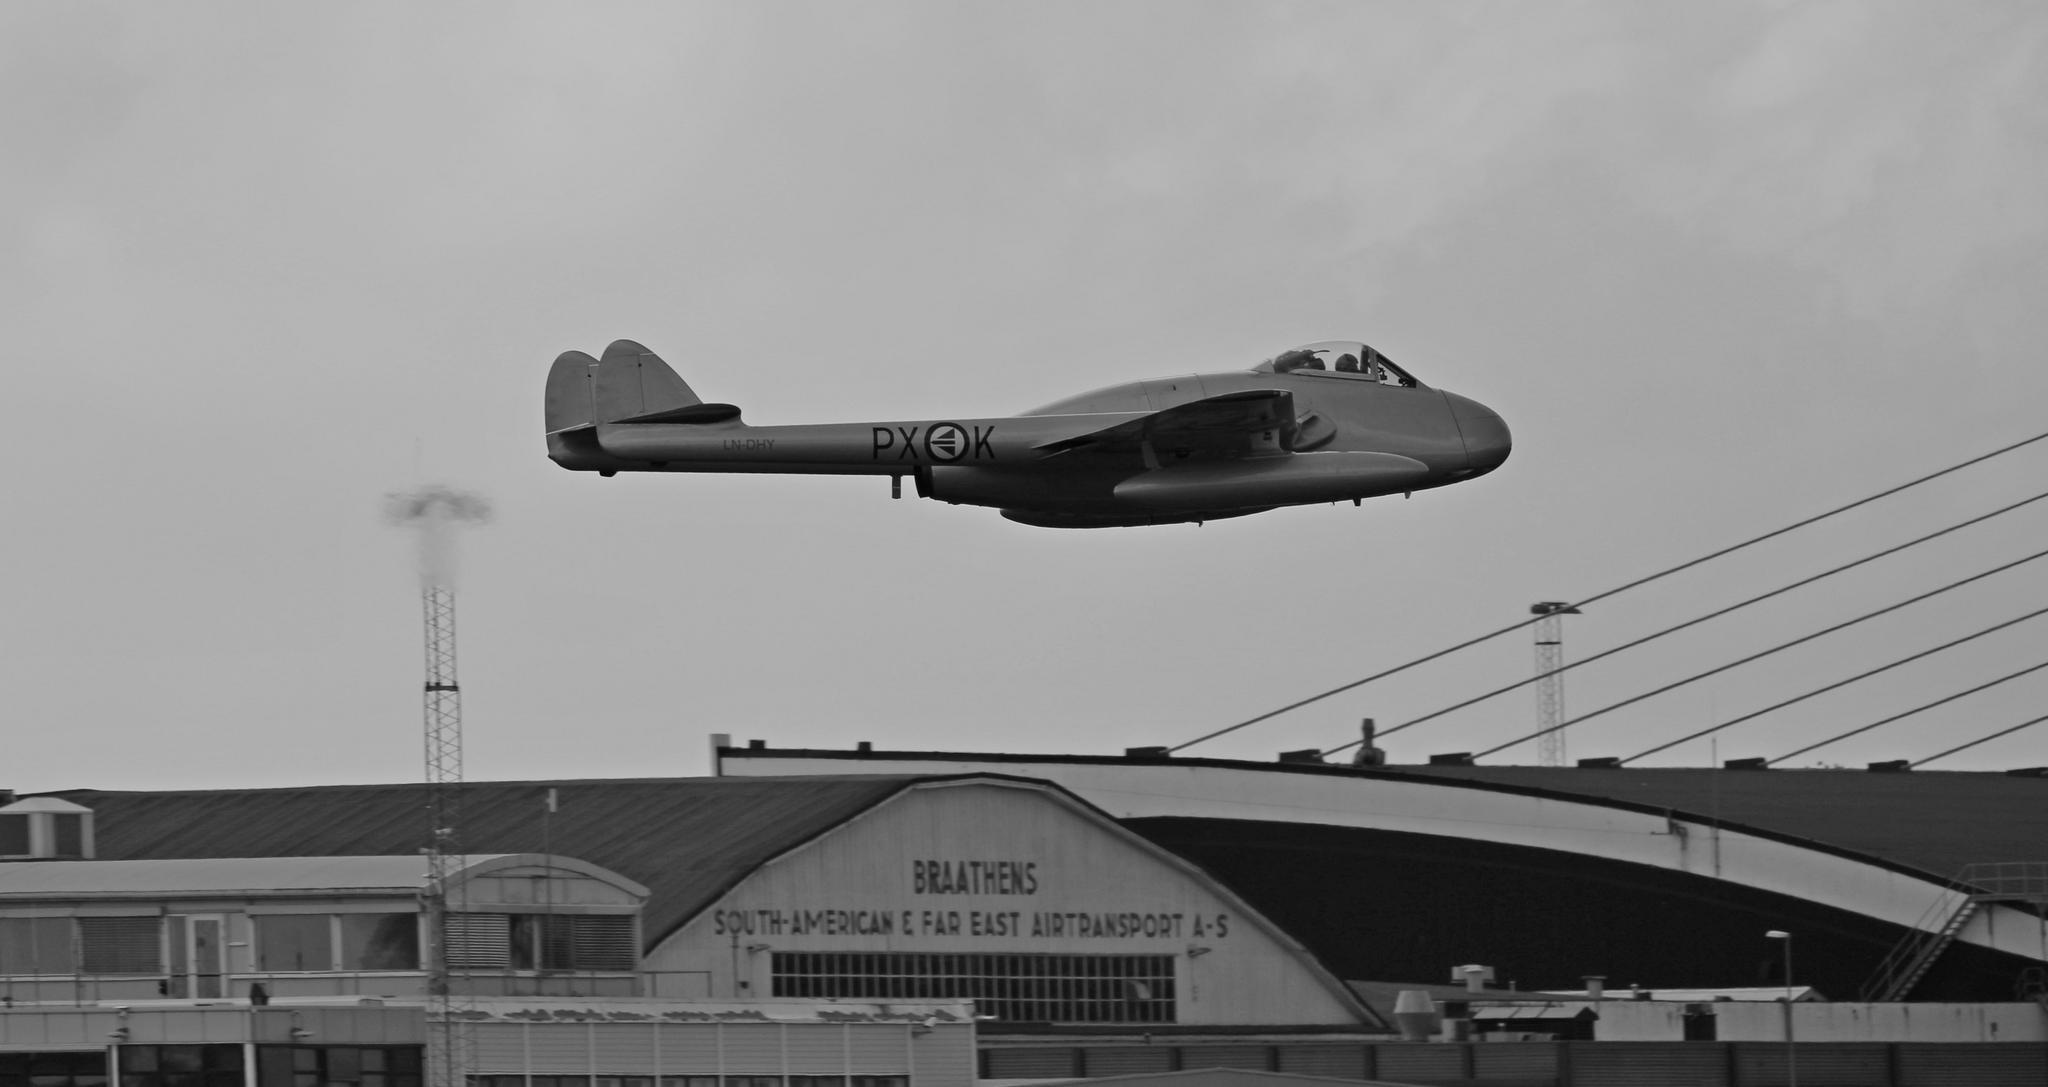 de Havilland DH 100 Vampire by Ralf Halvorsrød